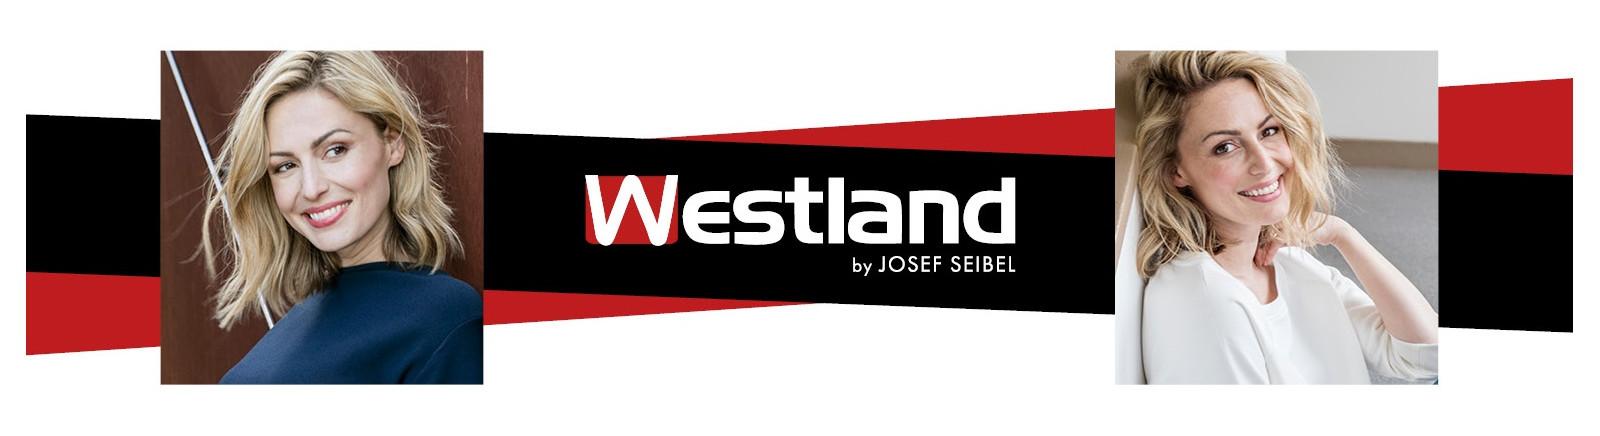 Westland Herrenschuhe online kaufen bei GISY Schuhe